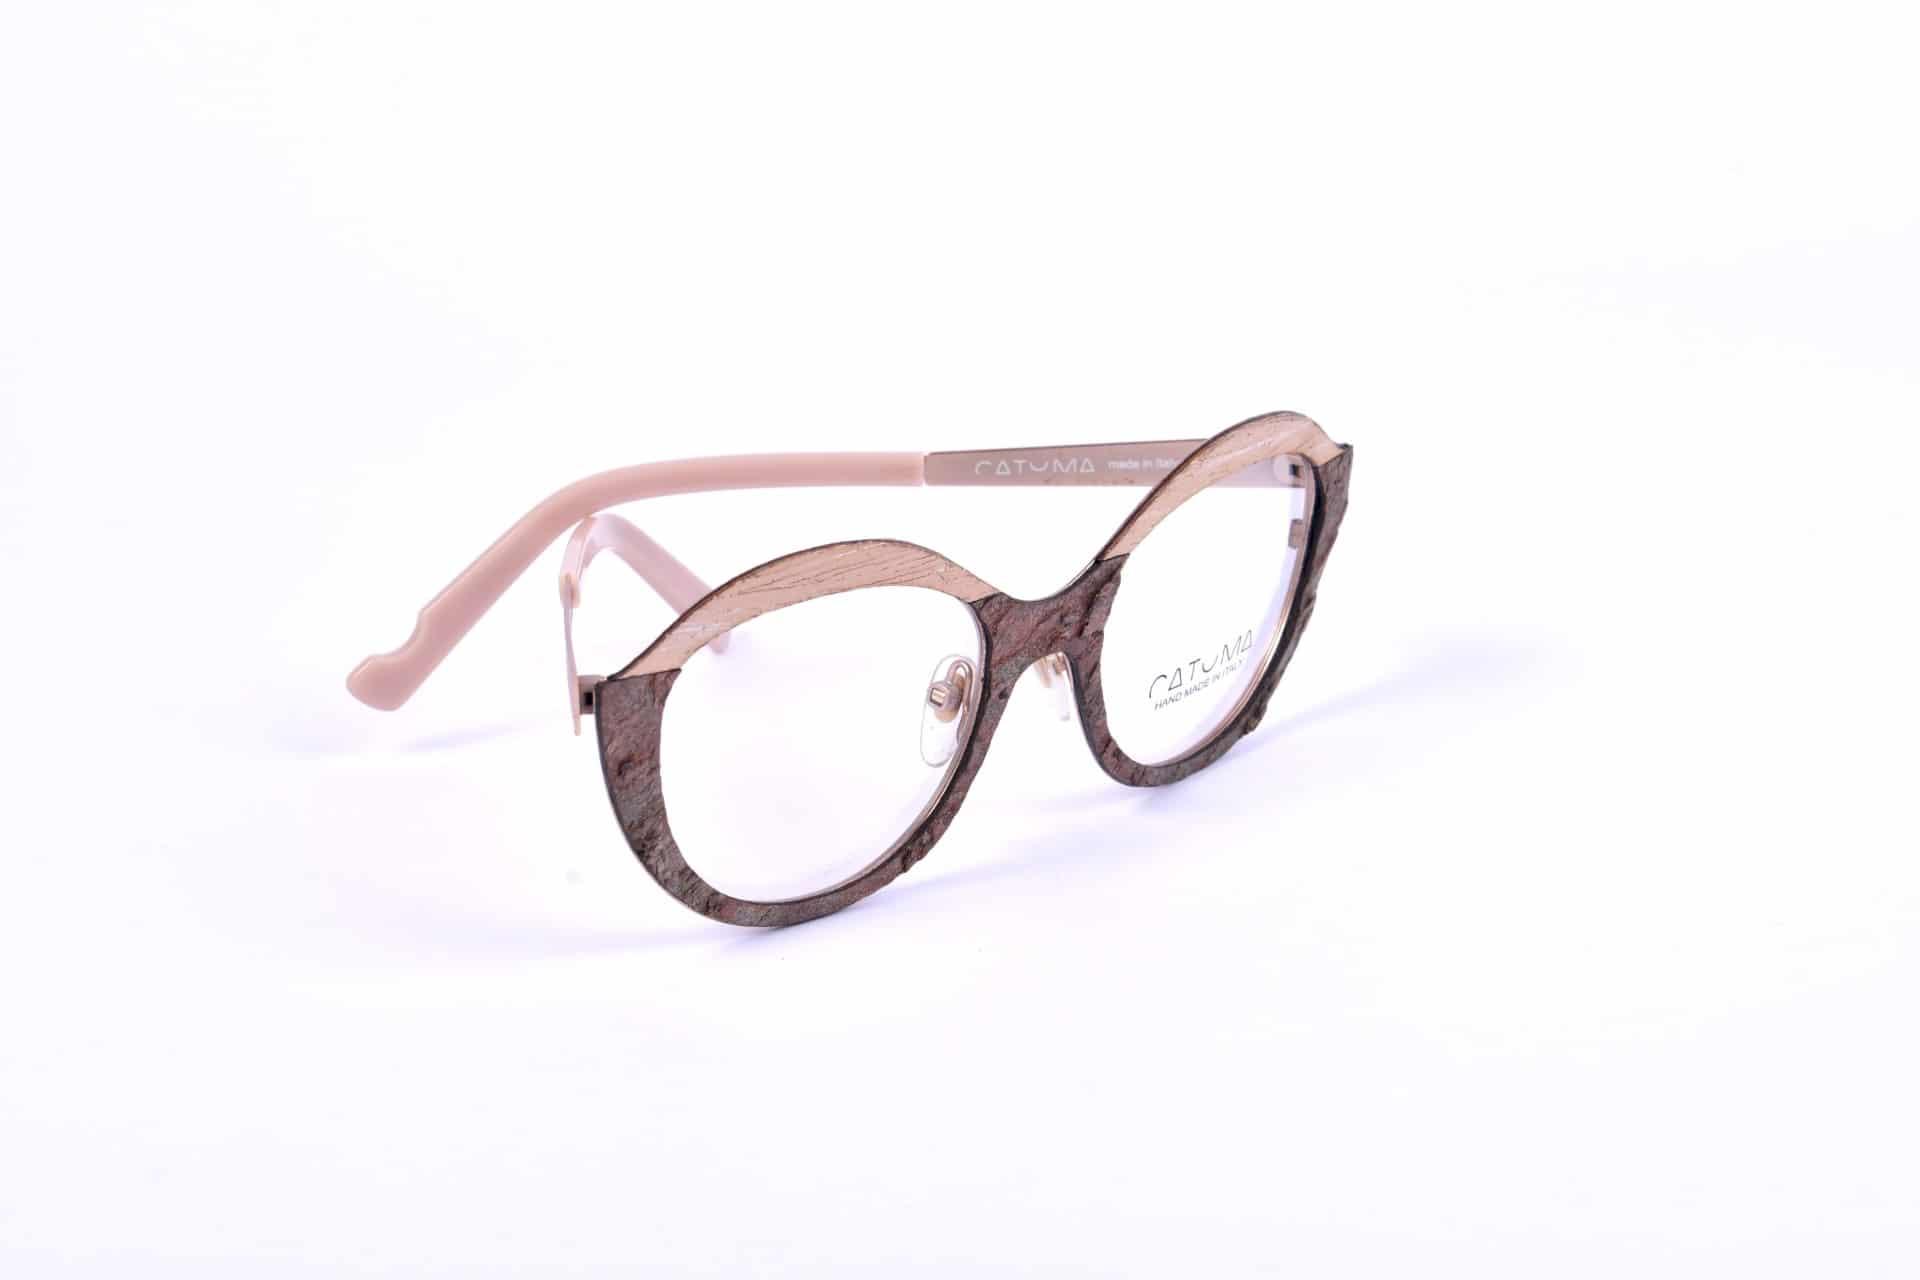 משקפי ראיה חדשניות - אופטיקה יפעת, אופטומטריסטית מומלצת בנתניה